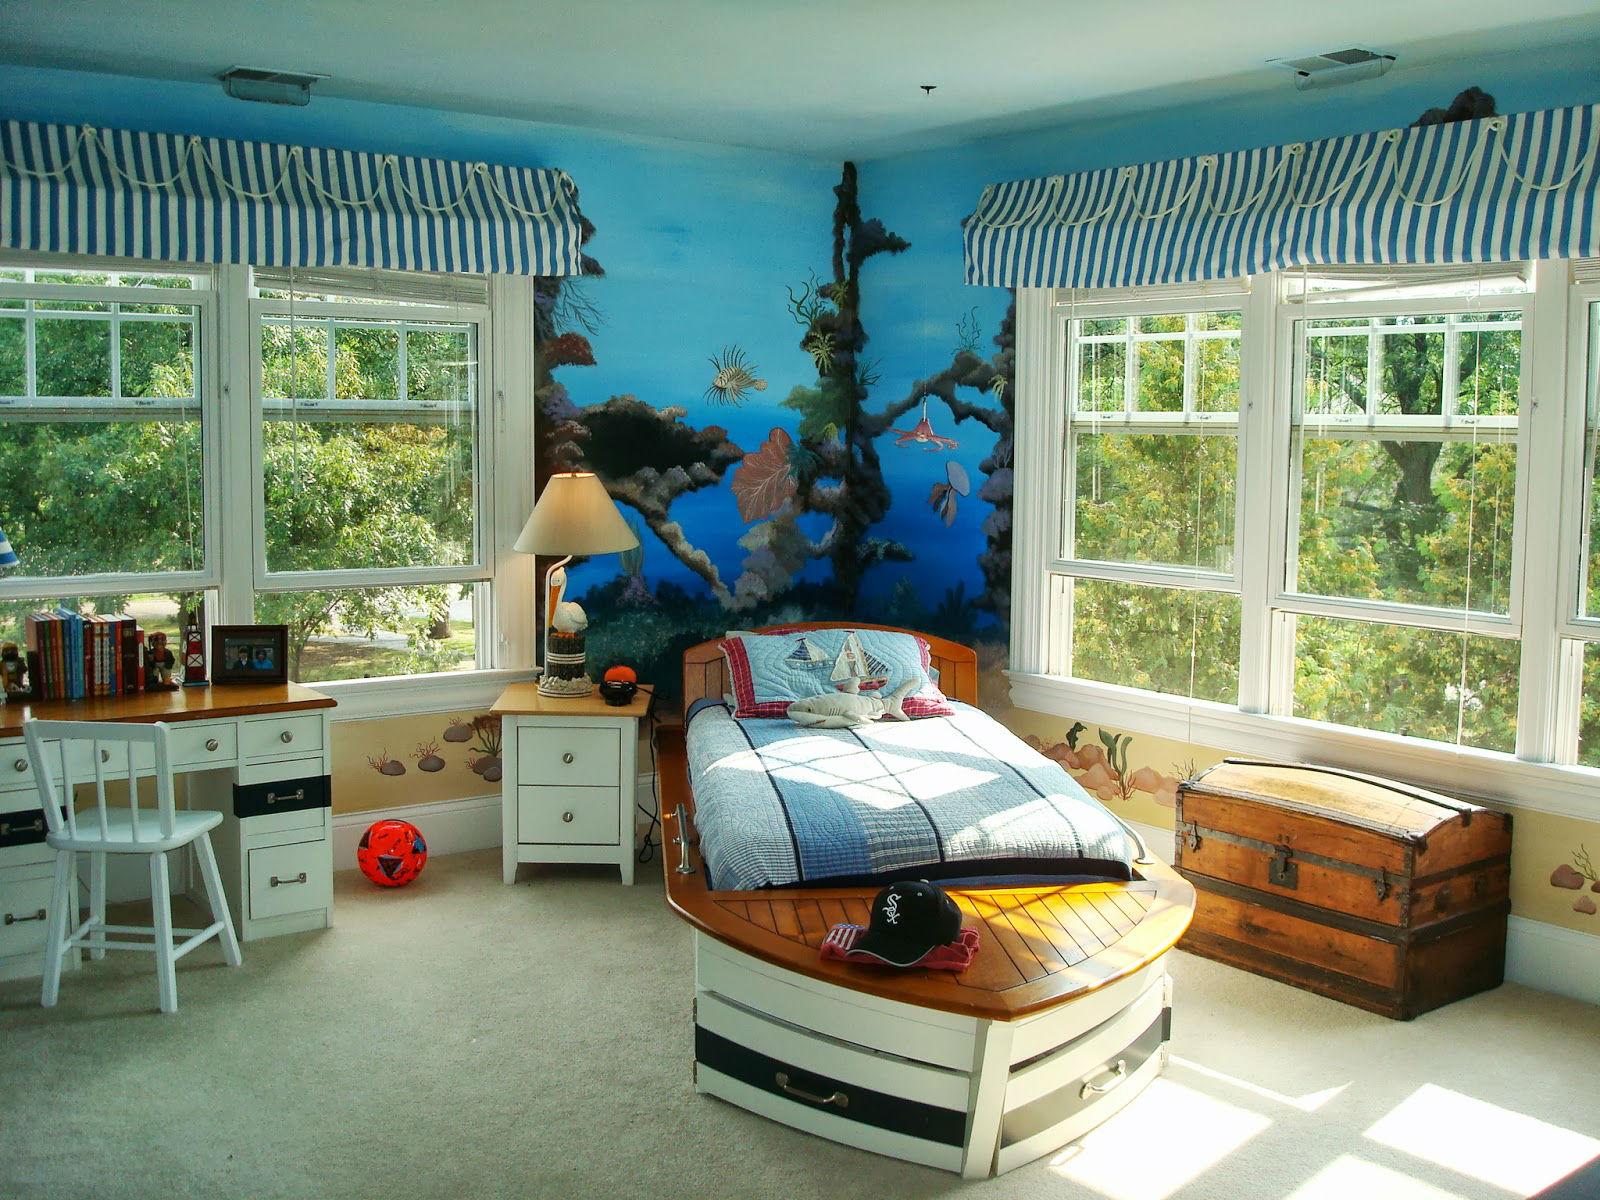 ilginç yatak odası duvar kağıtları